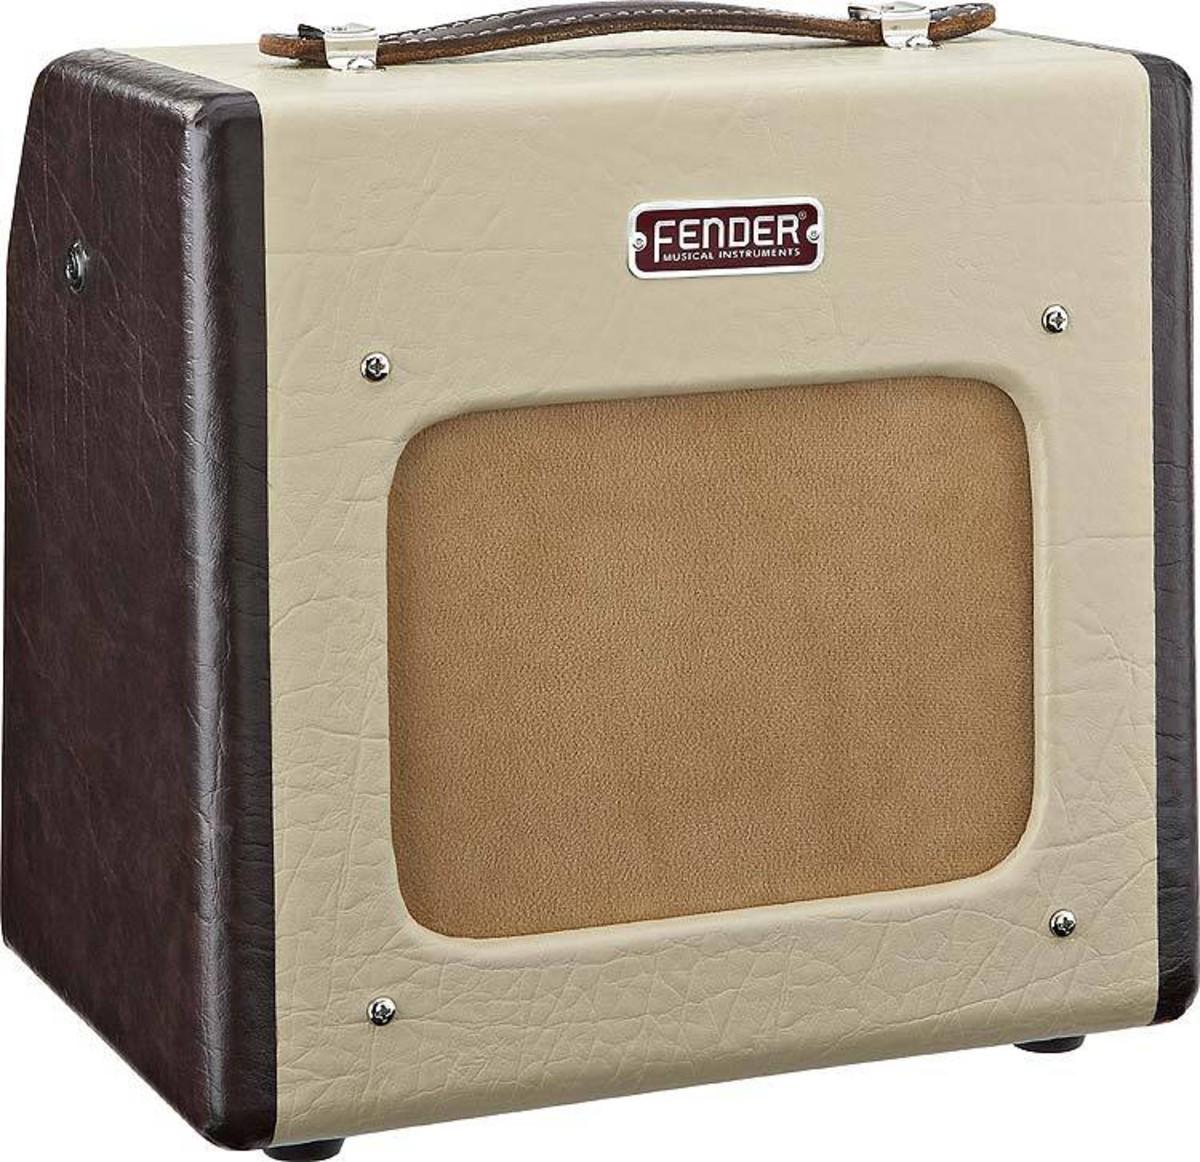 Fender Telecaster Highway 1 Champion 600 Verstärker und Zubehör bei ...